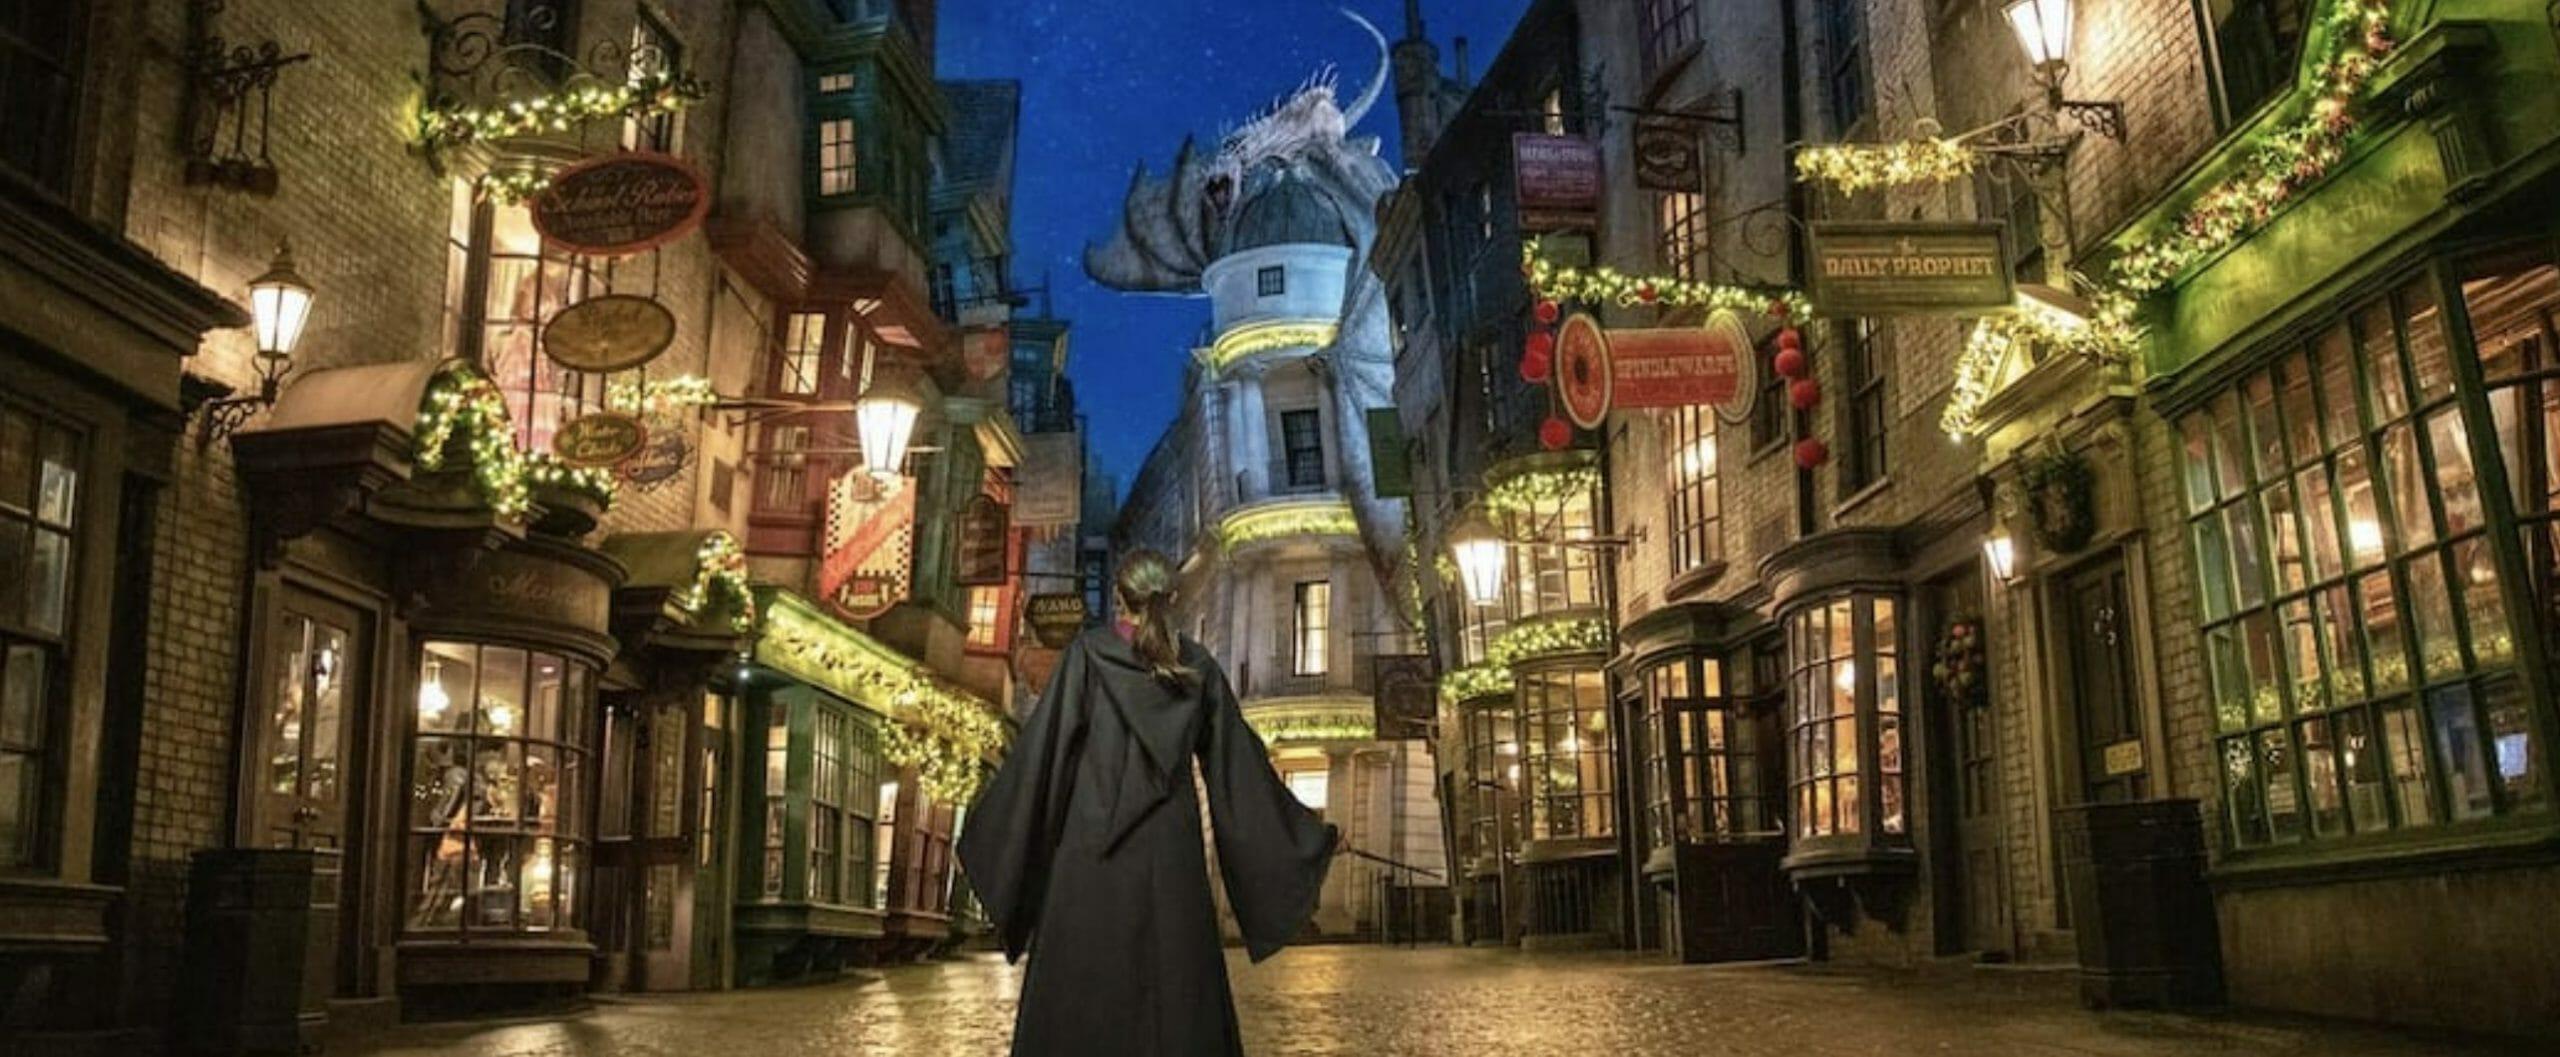 Imagem da decoração de Natal de Harry Potter no Beco Diagonal, na Universal Studios